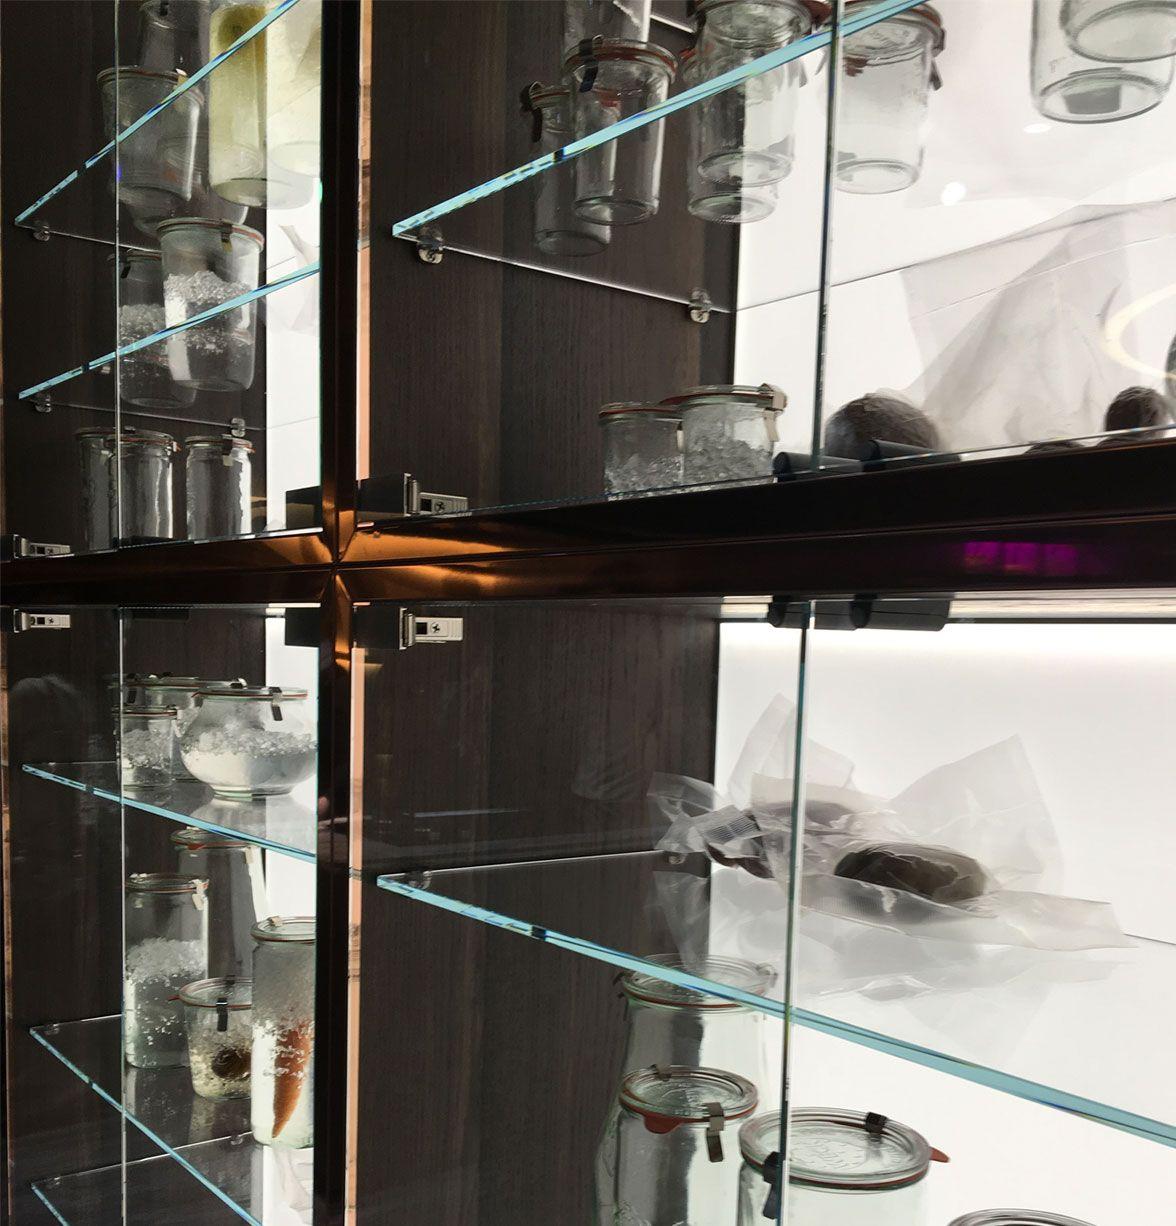 Gorgeous Frameless Glass Kitchen Cabinet Doors Glass Kitchen Cabinet Doors Glass Kitchen Cabinets Glass Cabinet Doors